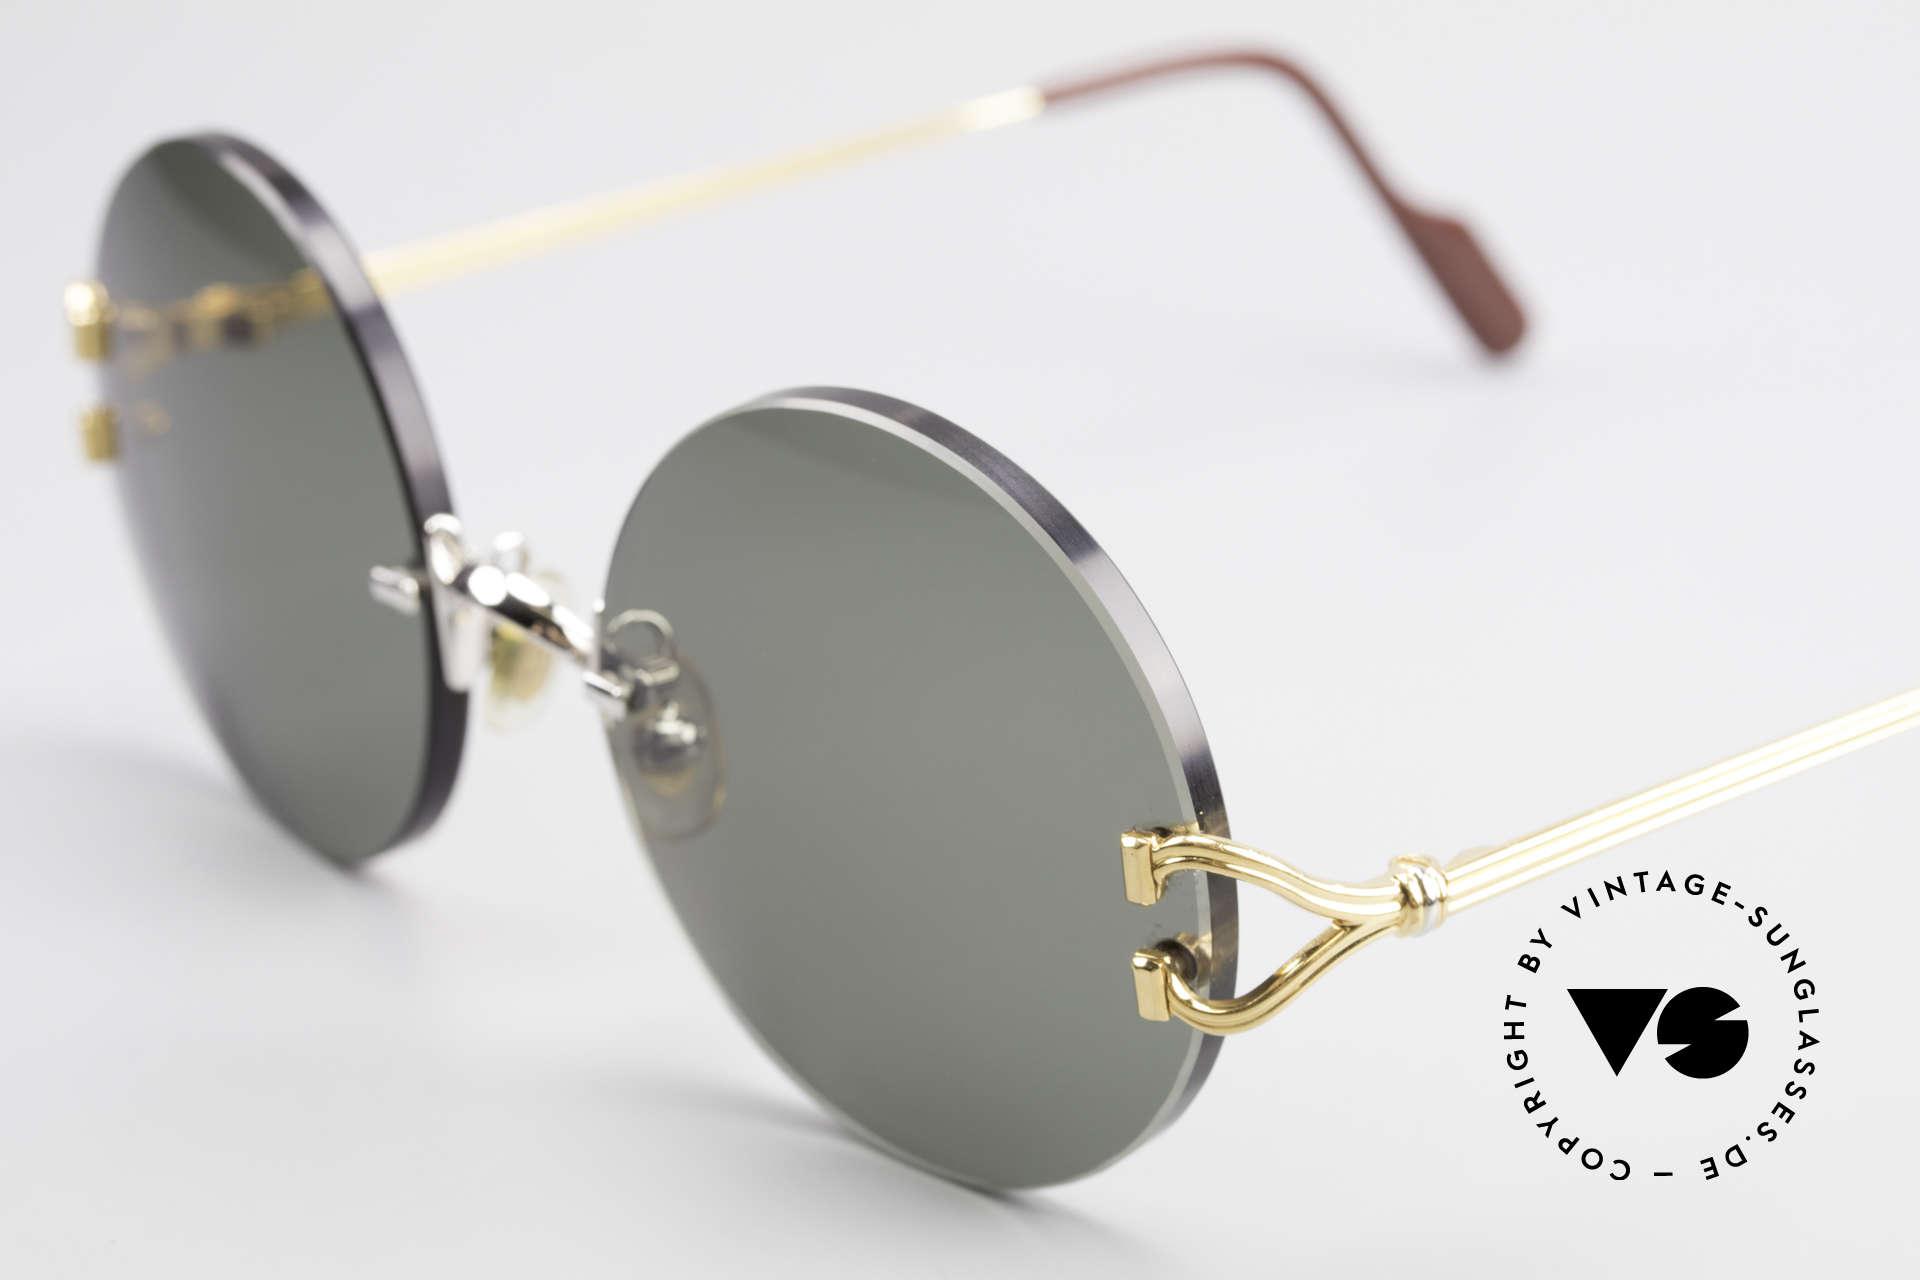 Cartier Madison Runde Customized Sonnenbrille, 2nd hand Modell in neuwertigem Zustand + Box, Passend für Herren und Damen